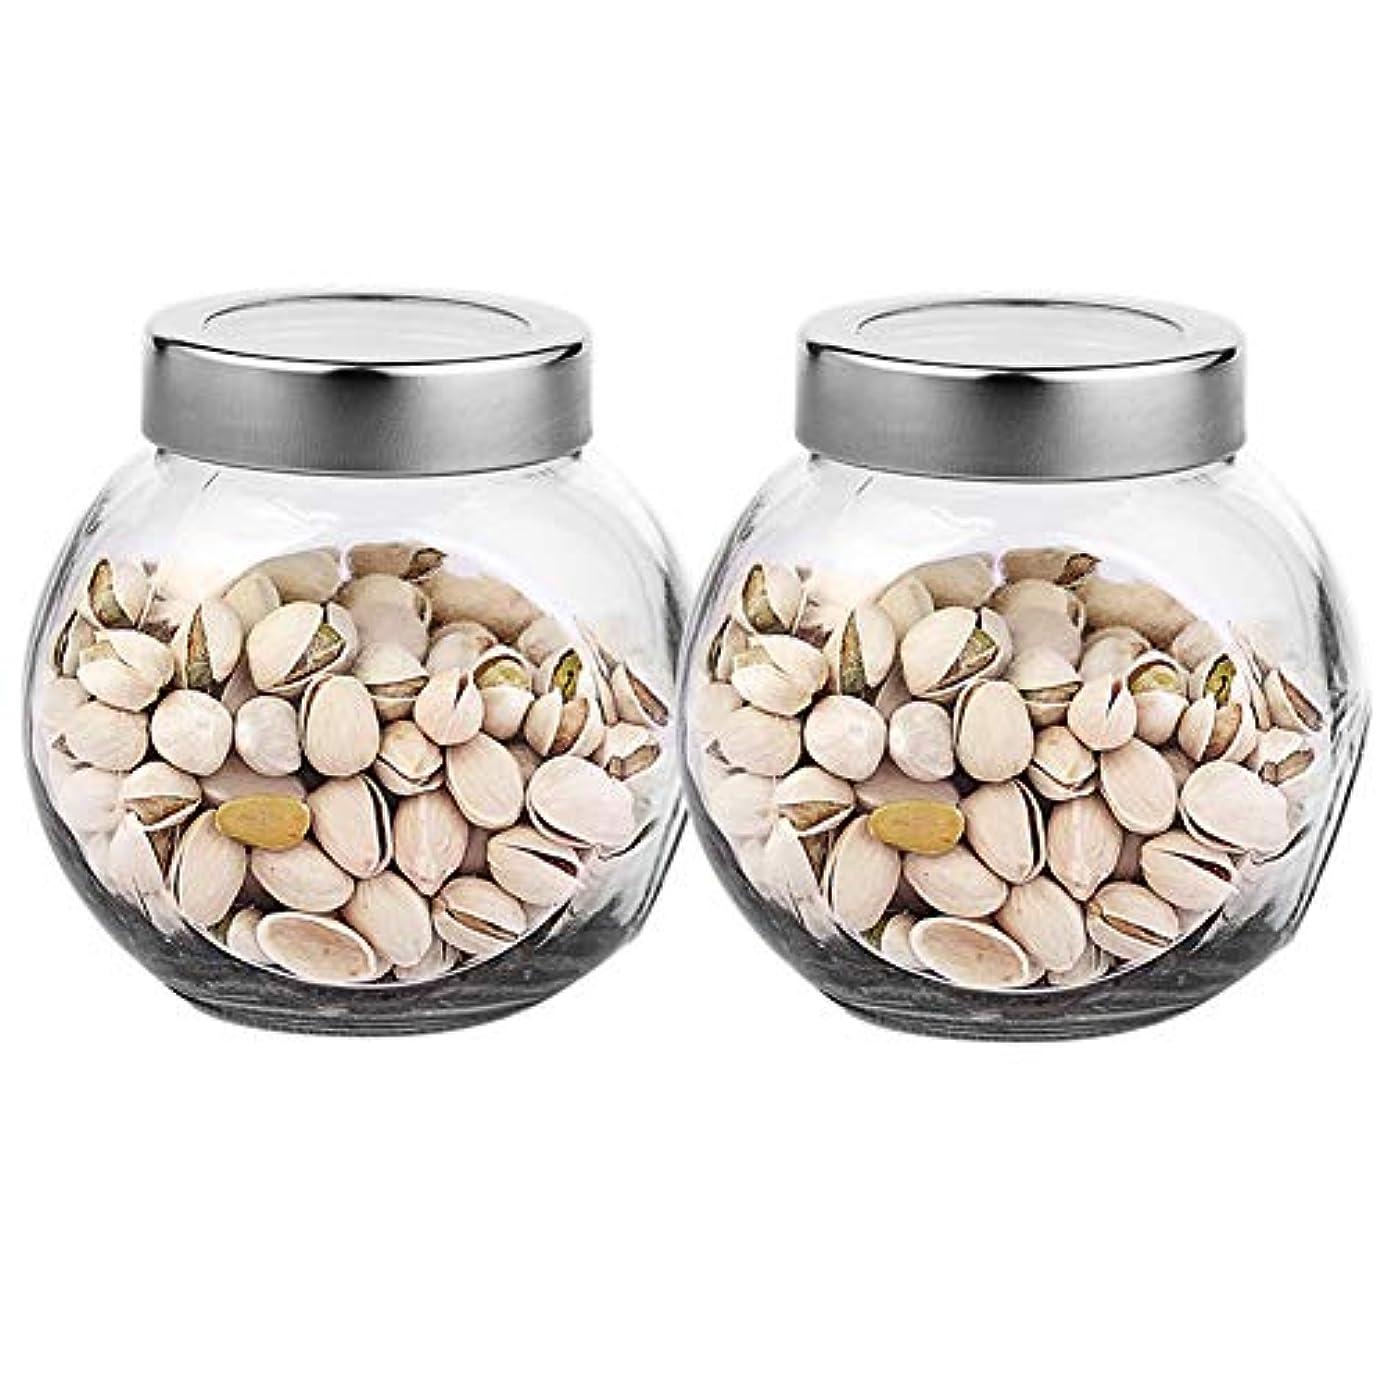 懐疑的触覚本質的に2つの透明ガラス貯蔵容器茶/季節密封缶の貯蔵ジャーパック(650 ml)